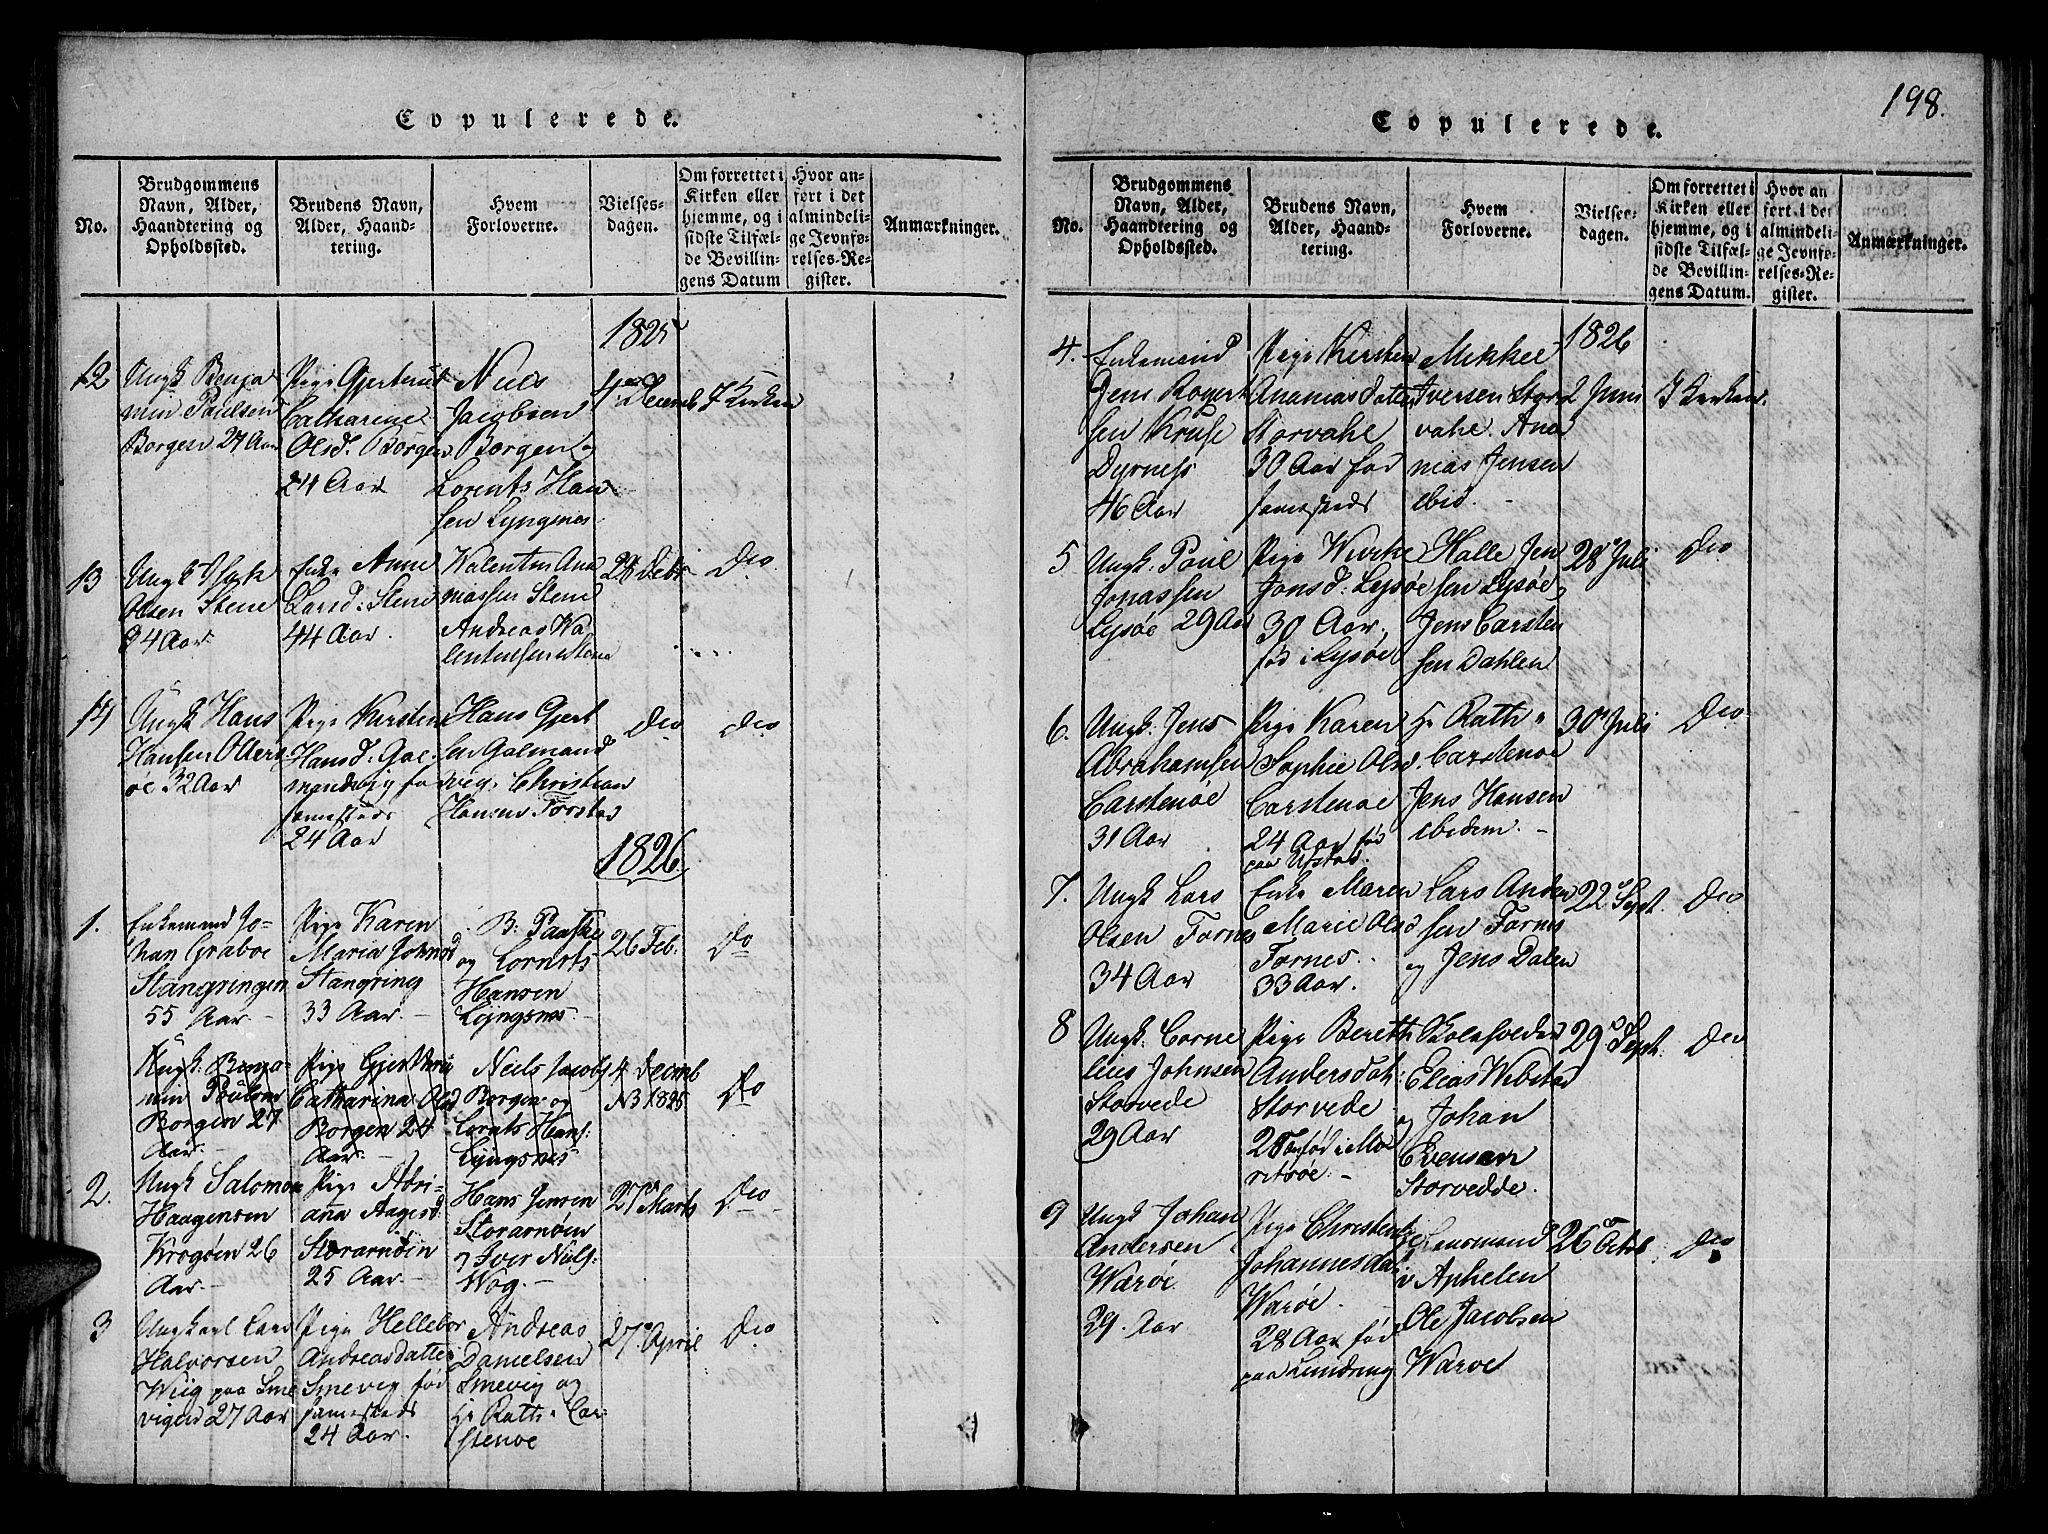 SAT, Ministerialprotokoller, klokkerbøker og fødselsregistre - Nord-Trøndelag, 784/L0667: Ministerialbok nr. 784A03 /1, 1816-1829, s. 198